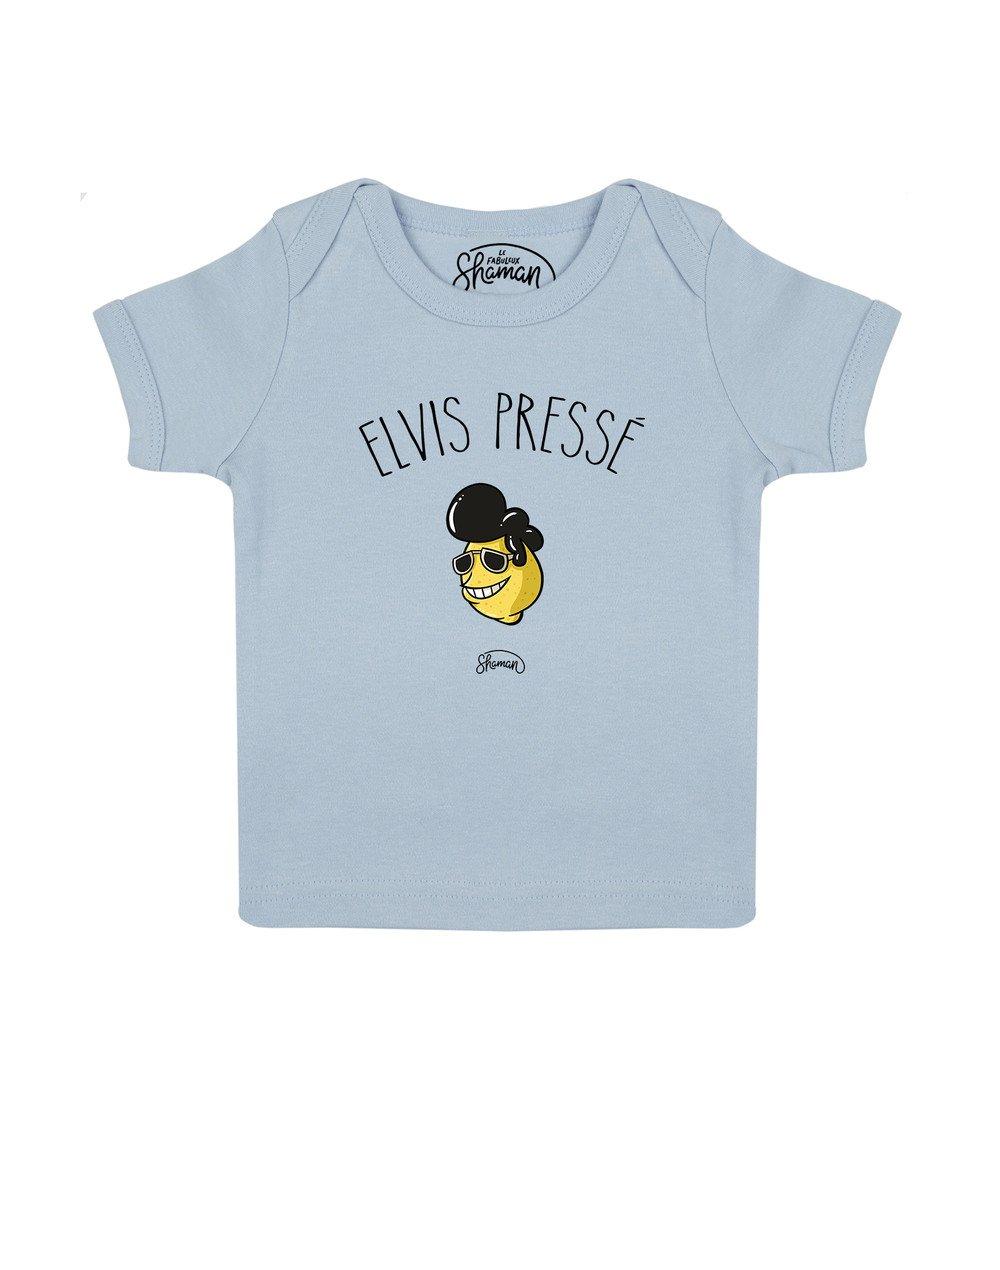 Tee shirt Elvis pressé